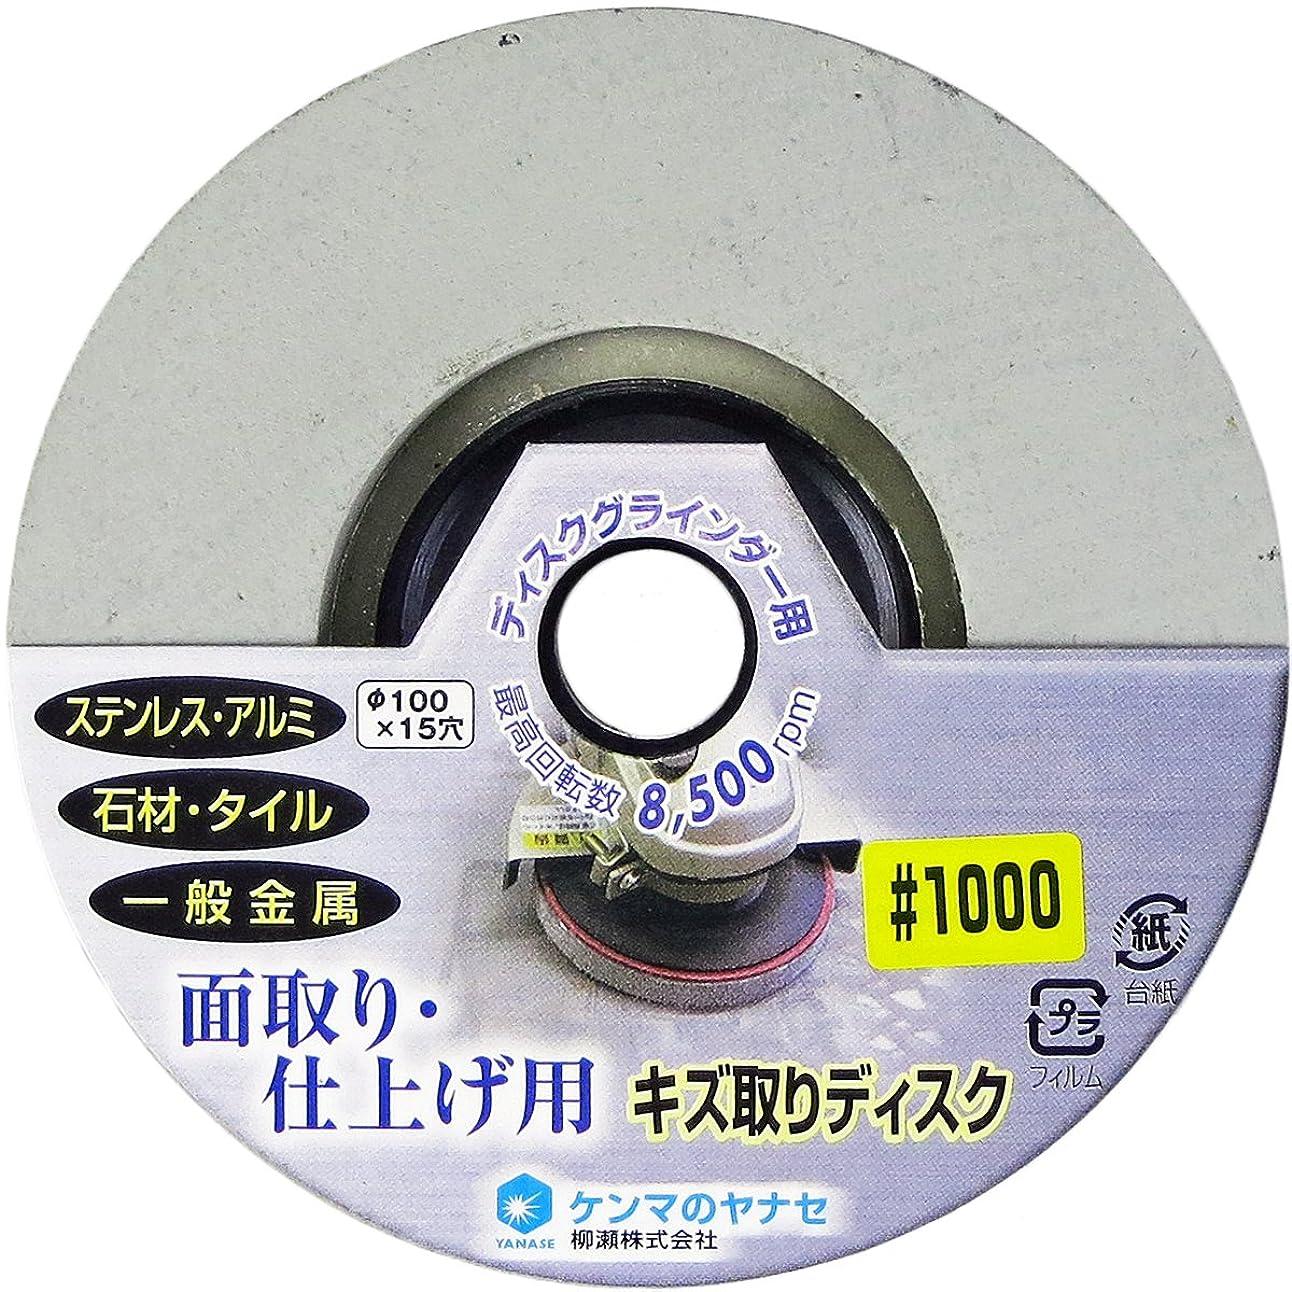 建物イノセンスカウントアップヤナセ キズ取りディスク #1000 PV15